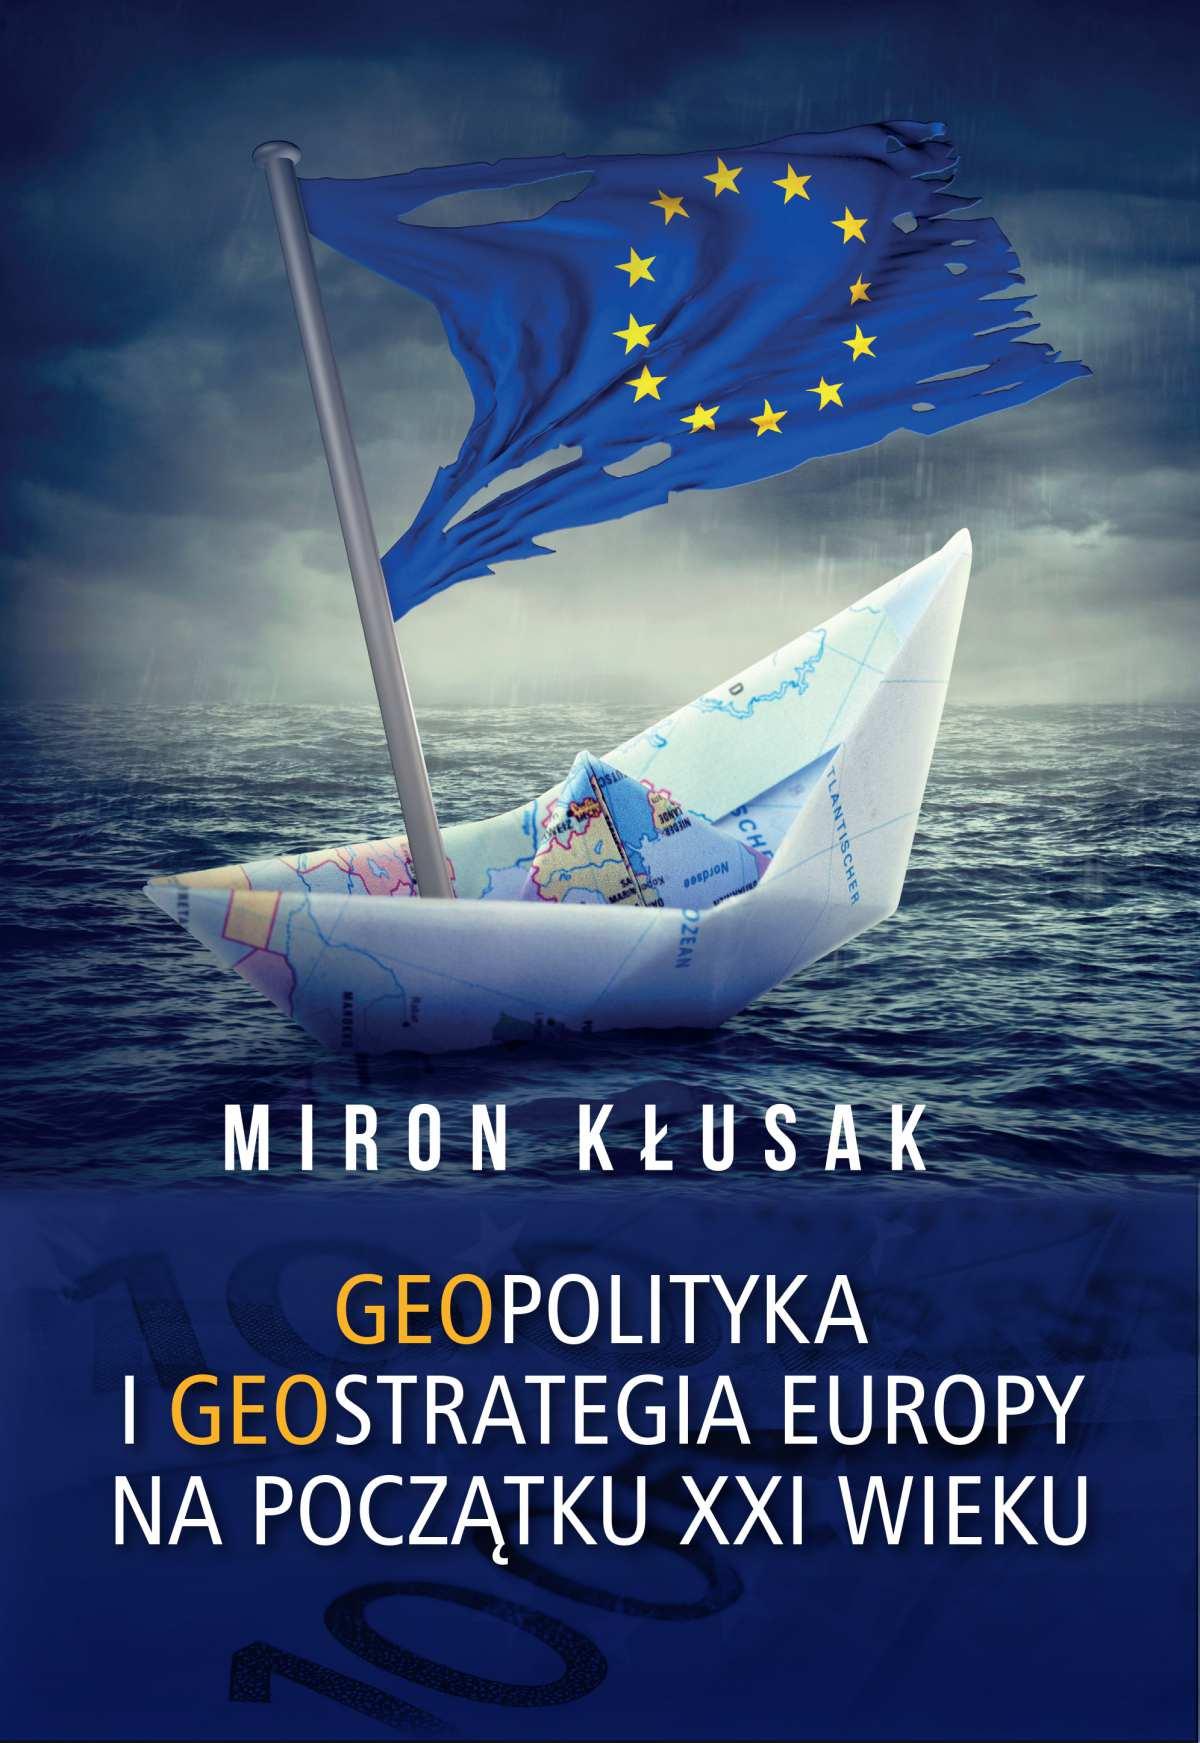 Geopolityka i geostrategia Europy na początku XXI wieku - Ebook (Książka PDF) do pobrania w formacie PDF